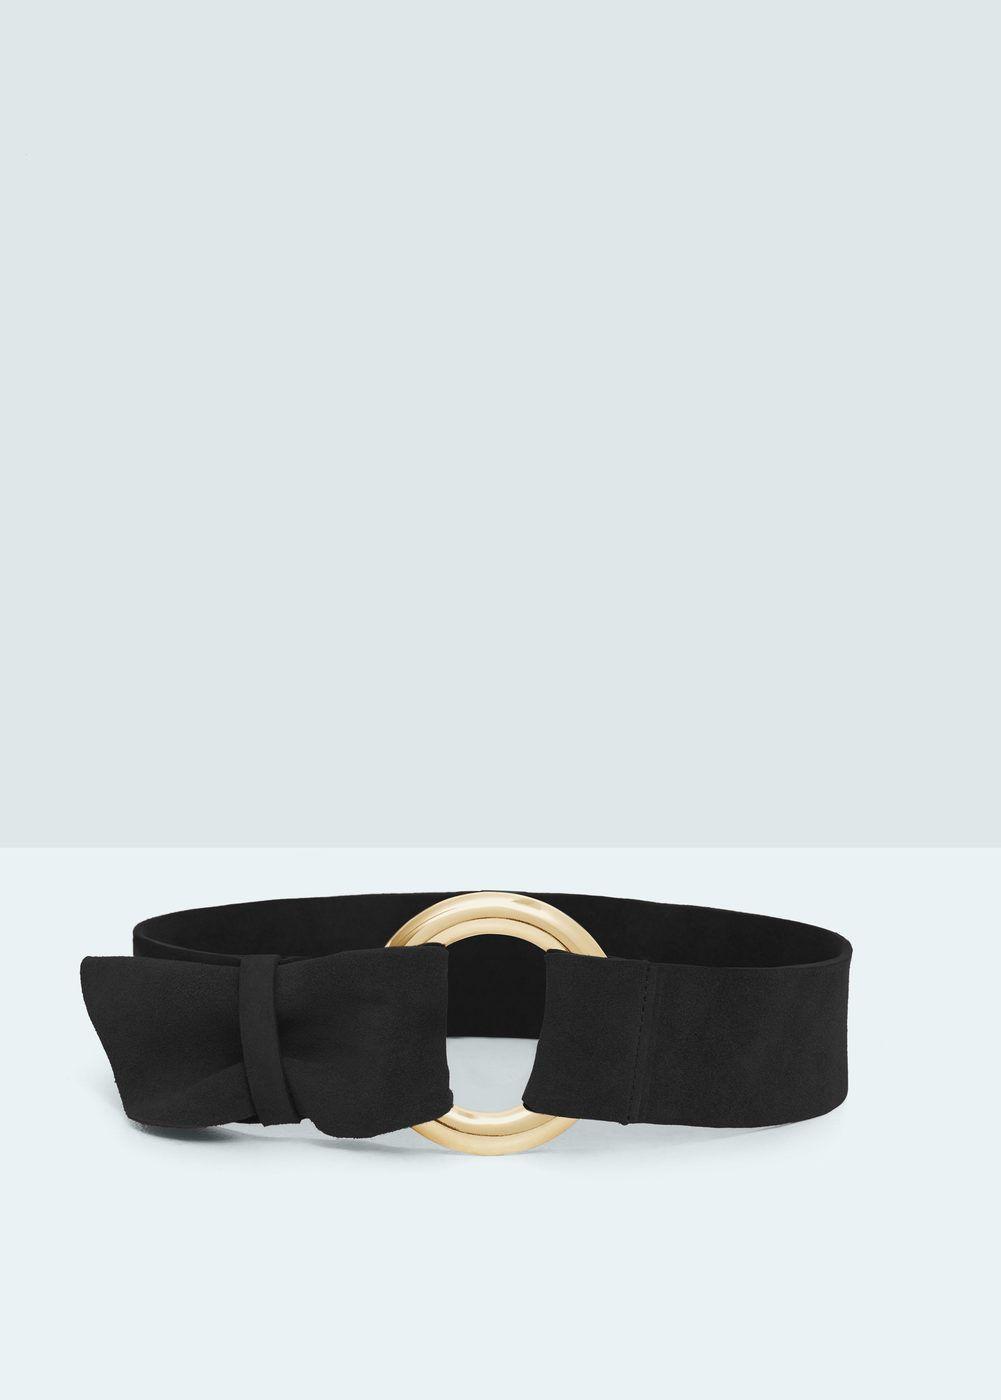 autentico 821a0 461f2 Cintura fusciacca crosta di cuoio - Donna | Cinture ...